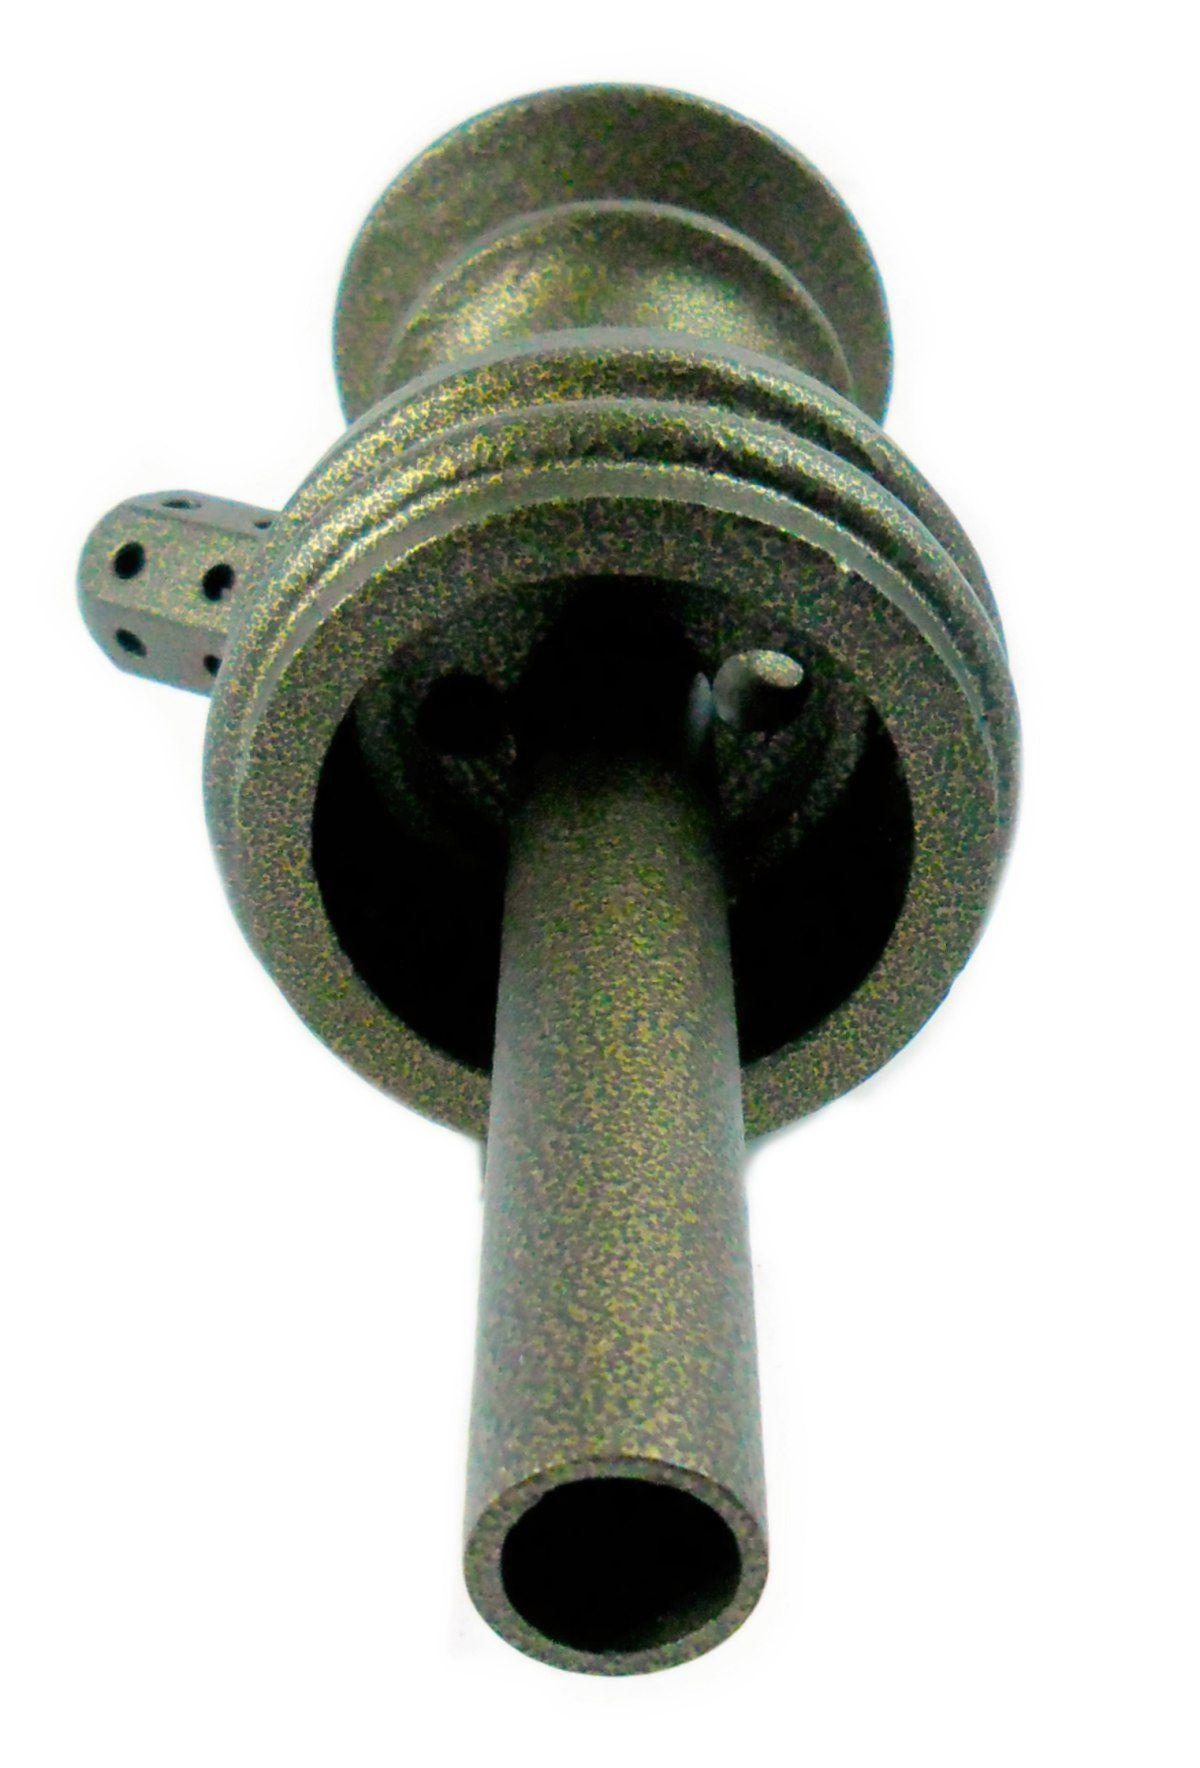 Stem (corpo de narguile) JUDITH OURO VELHO 22cm., inox (alumínio), dutado e usinado.